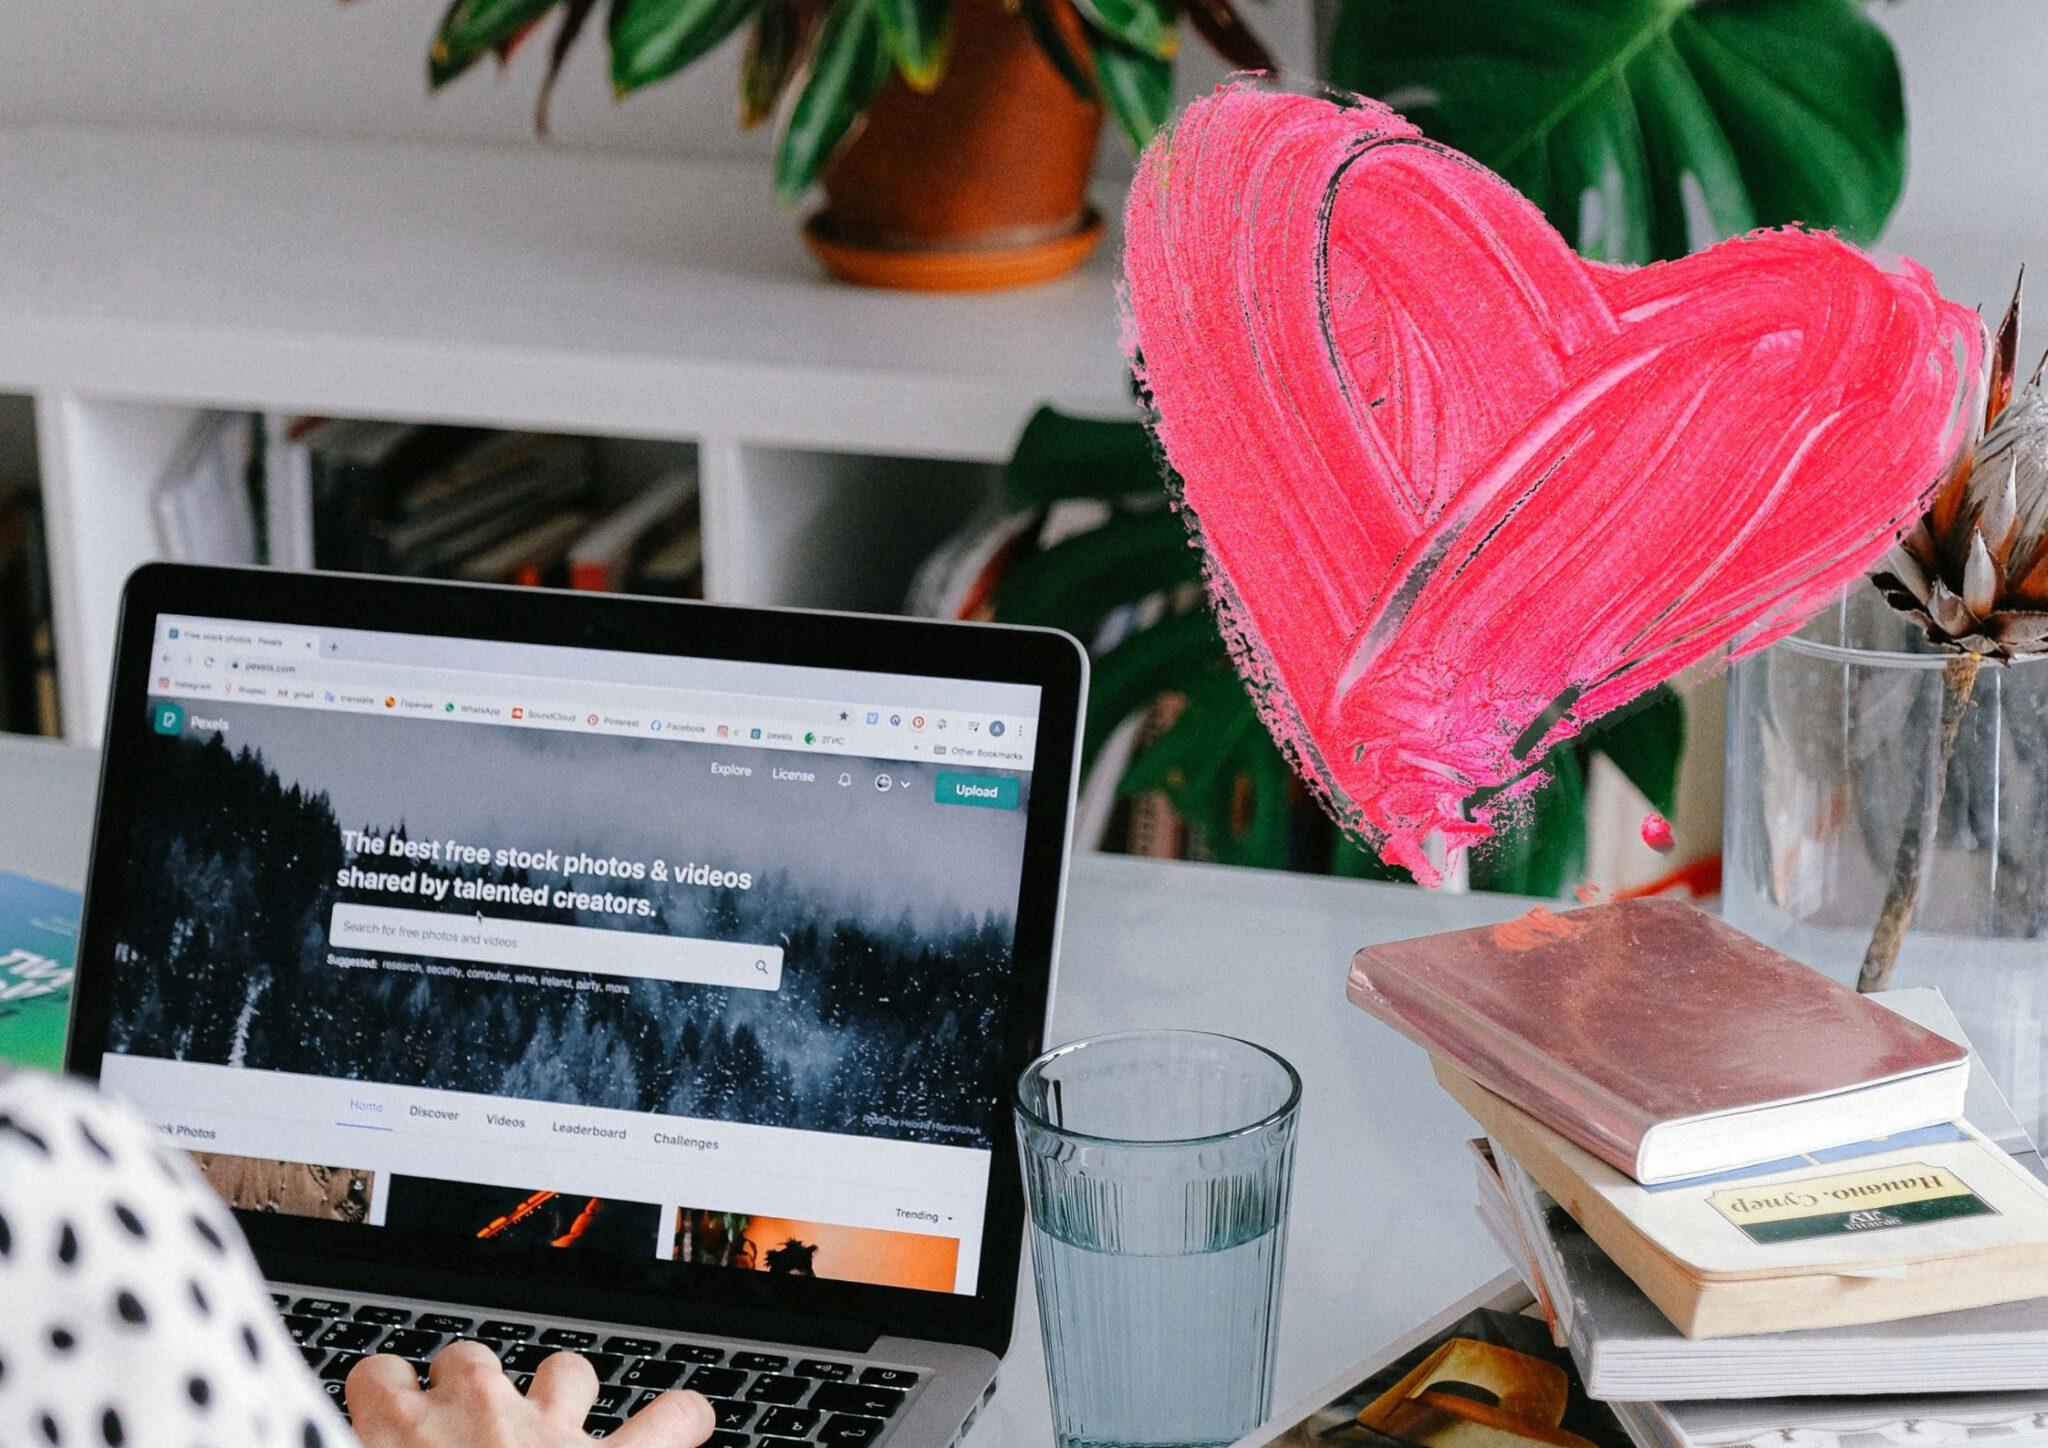 so-klappt-das-date-mit-dem-home-office-der-ultimative-modrnworklife-guide